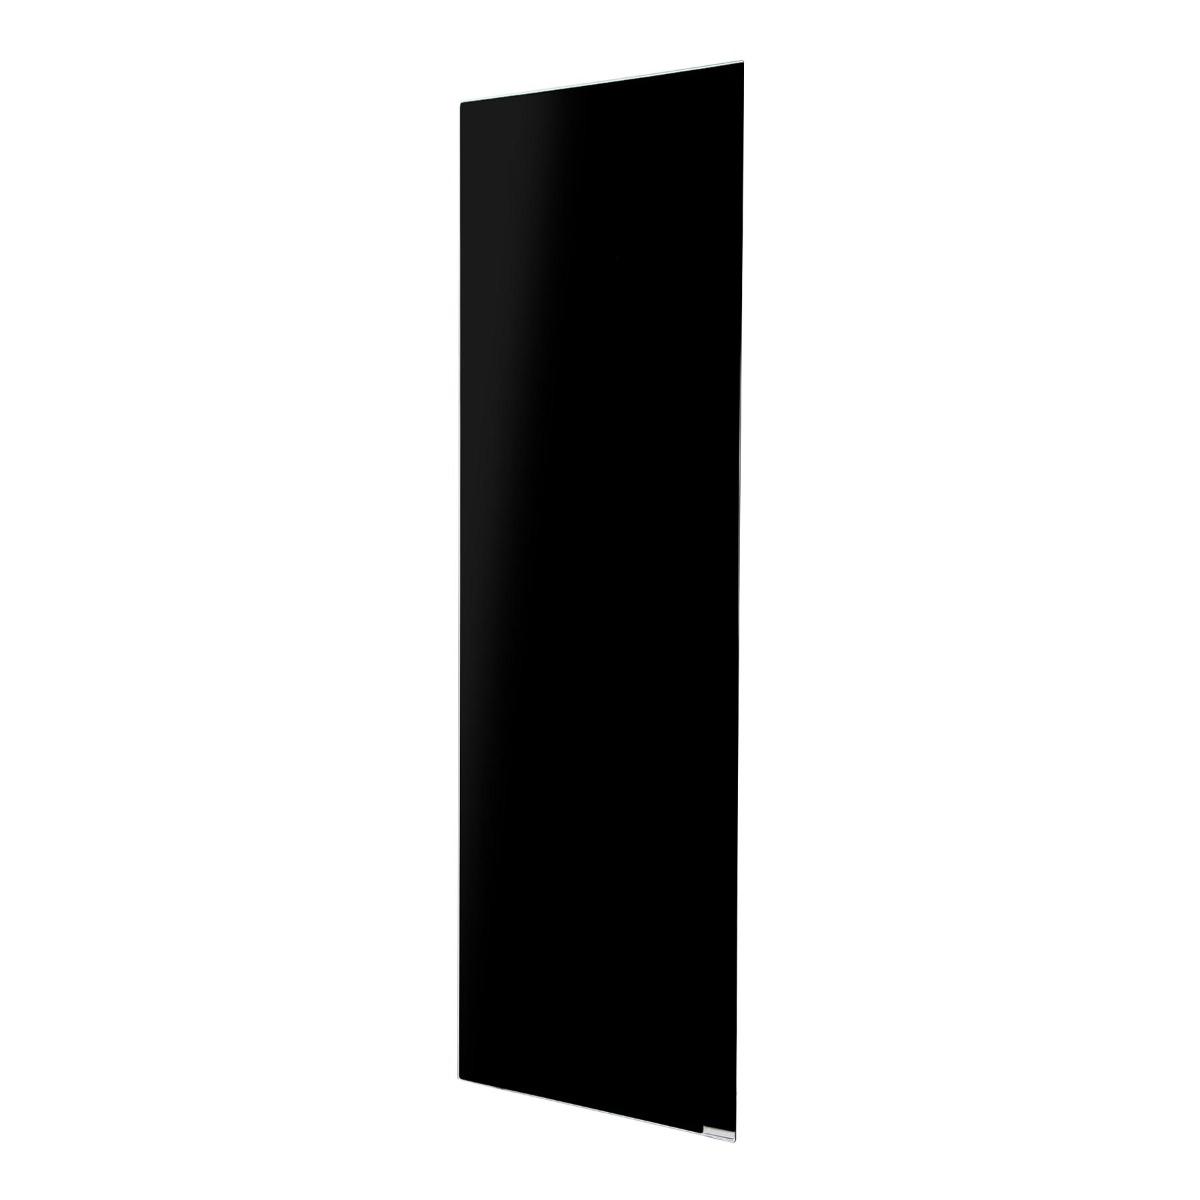 Glass Far Infrared Heater Panels Black